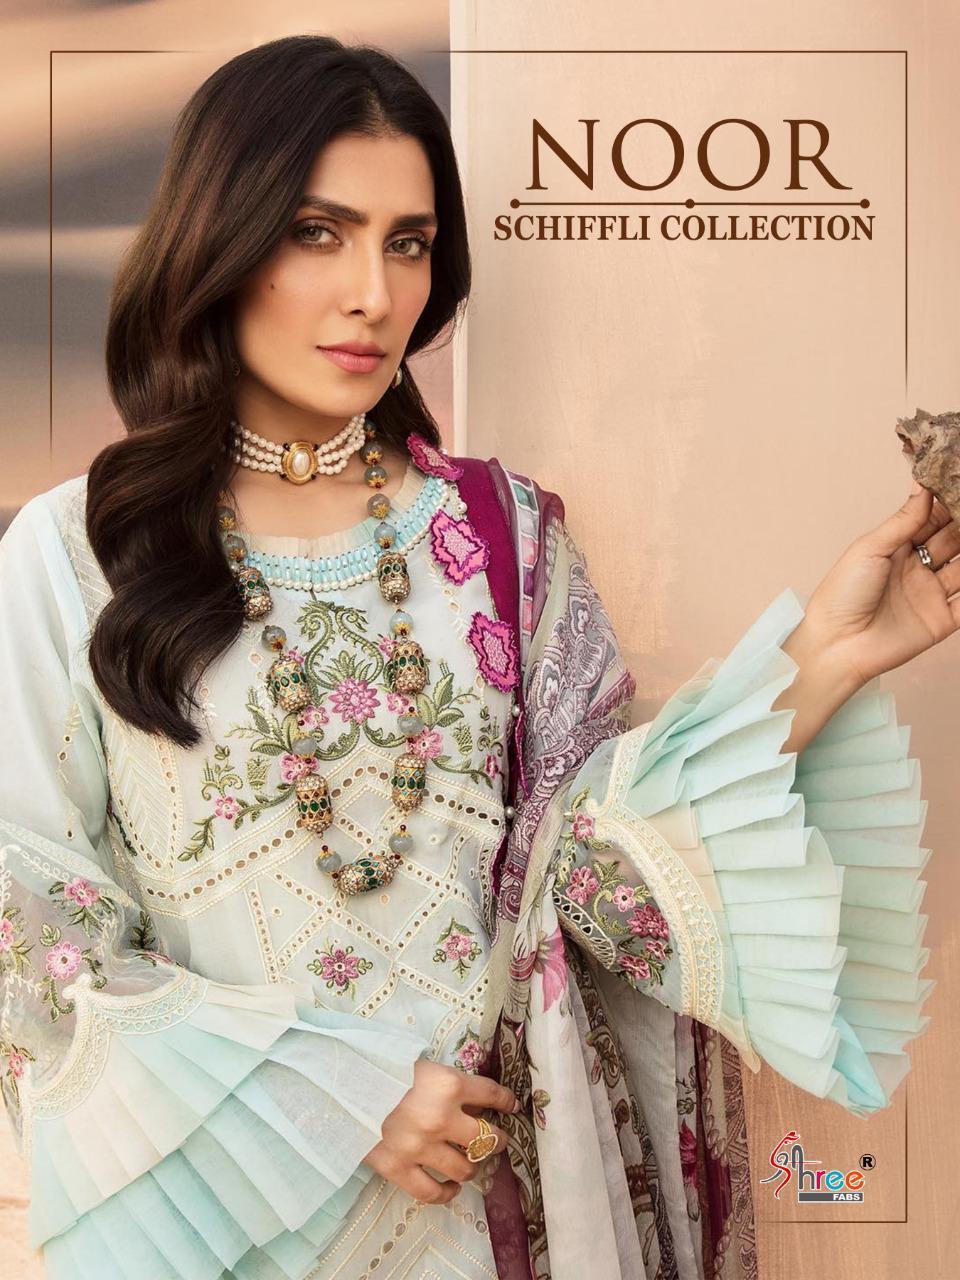 Shree Fabs Noor Schiffli Collection Salwar Suit Wholesale Catalog 4 Pcs 6 - Shree Fabs Noor Schiffli Collection Salwar Suit Wholesale Catalog 4 Pcs